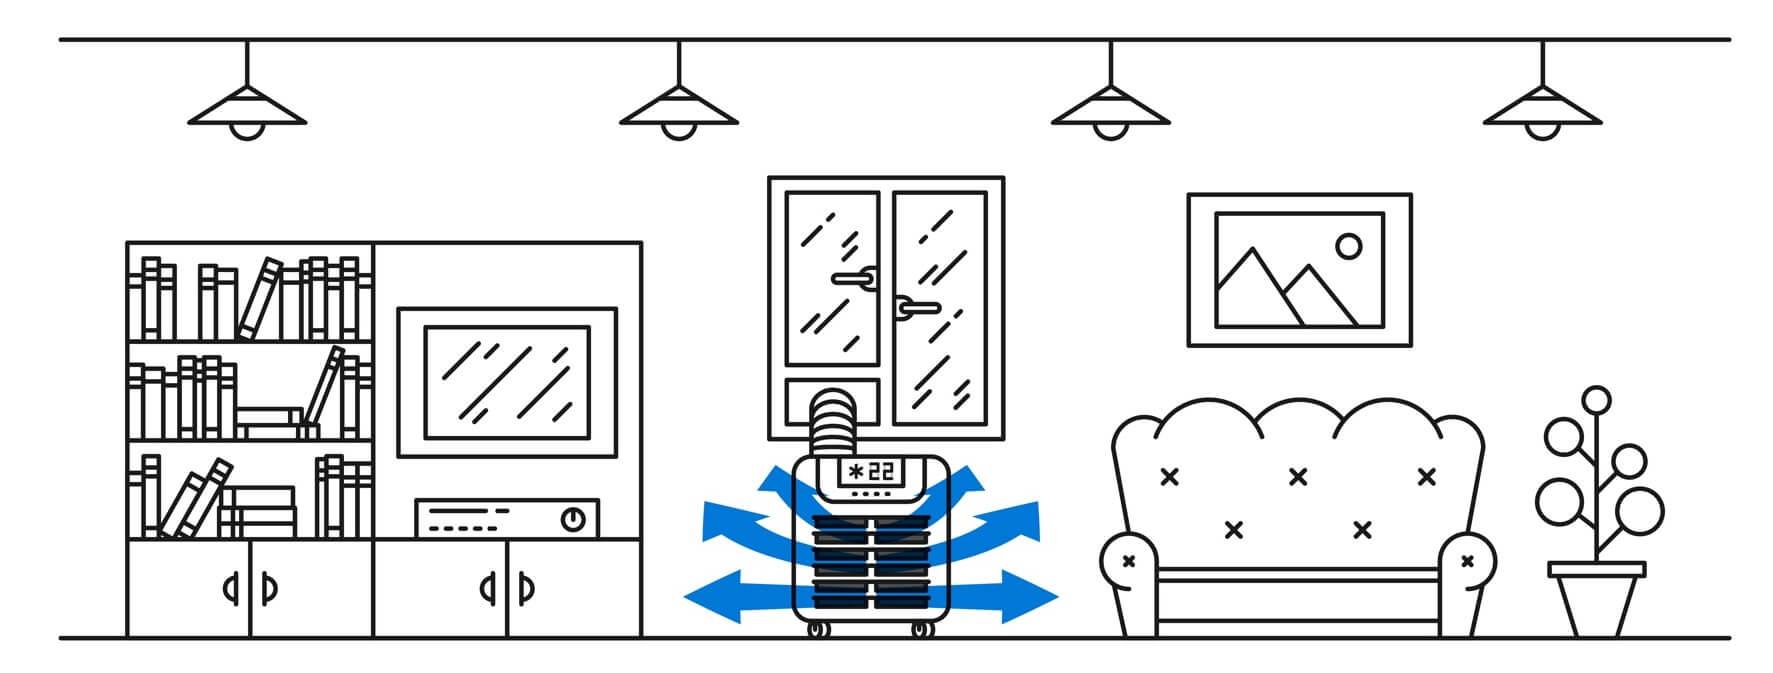 Přenosná klimatizace schéma